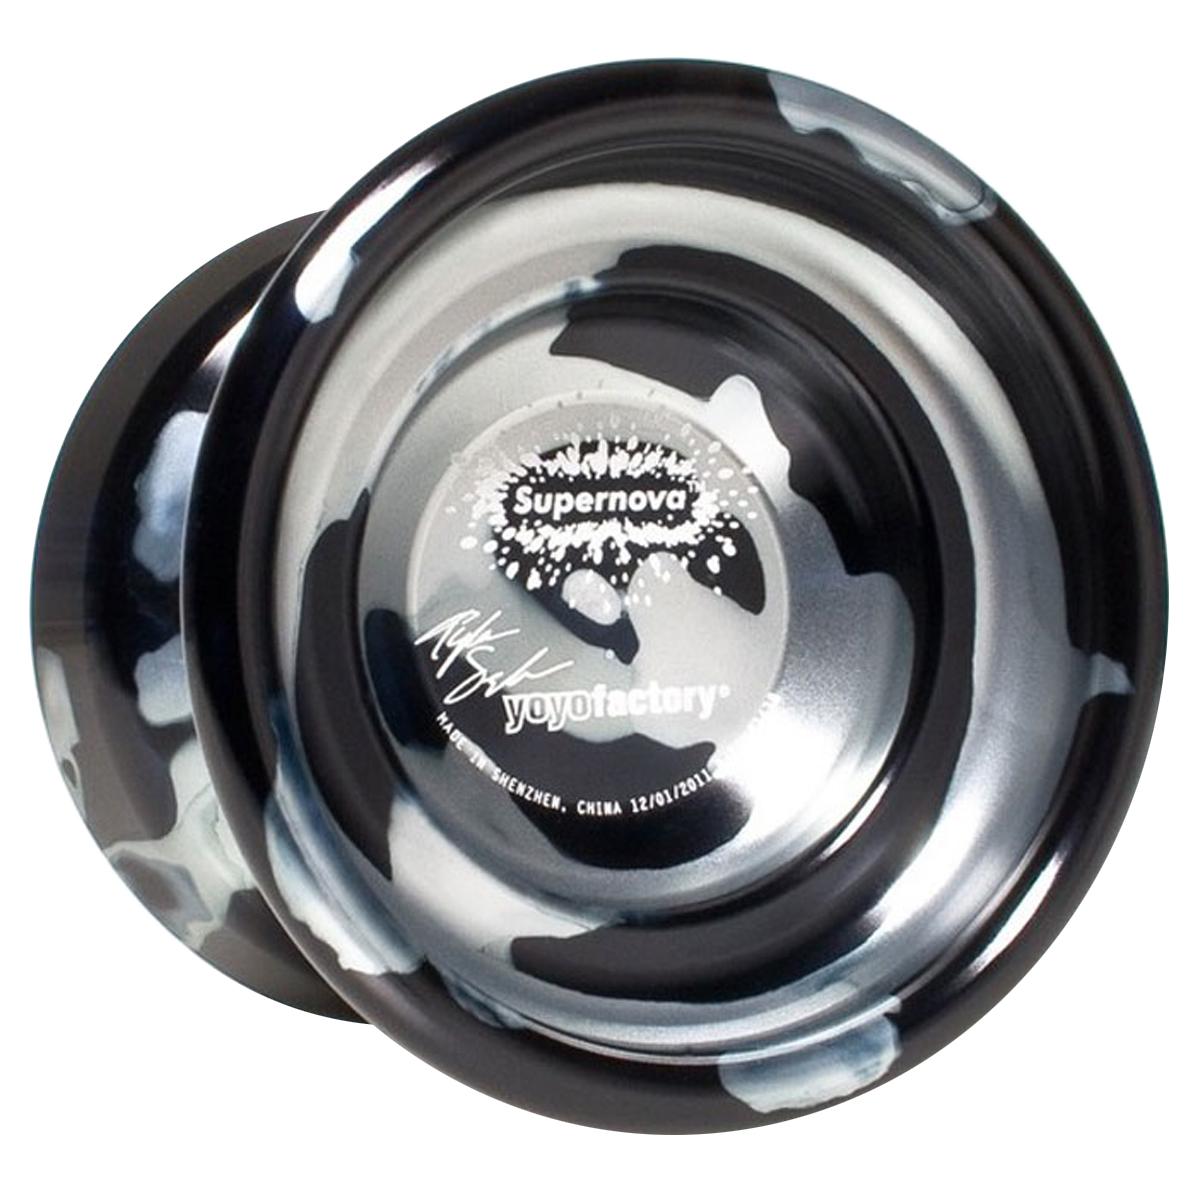 """Йо-йо YoYoFactory """"Supernova"""", цвет: черный, серебристый supernova/black"""